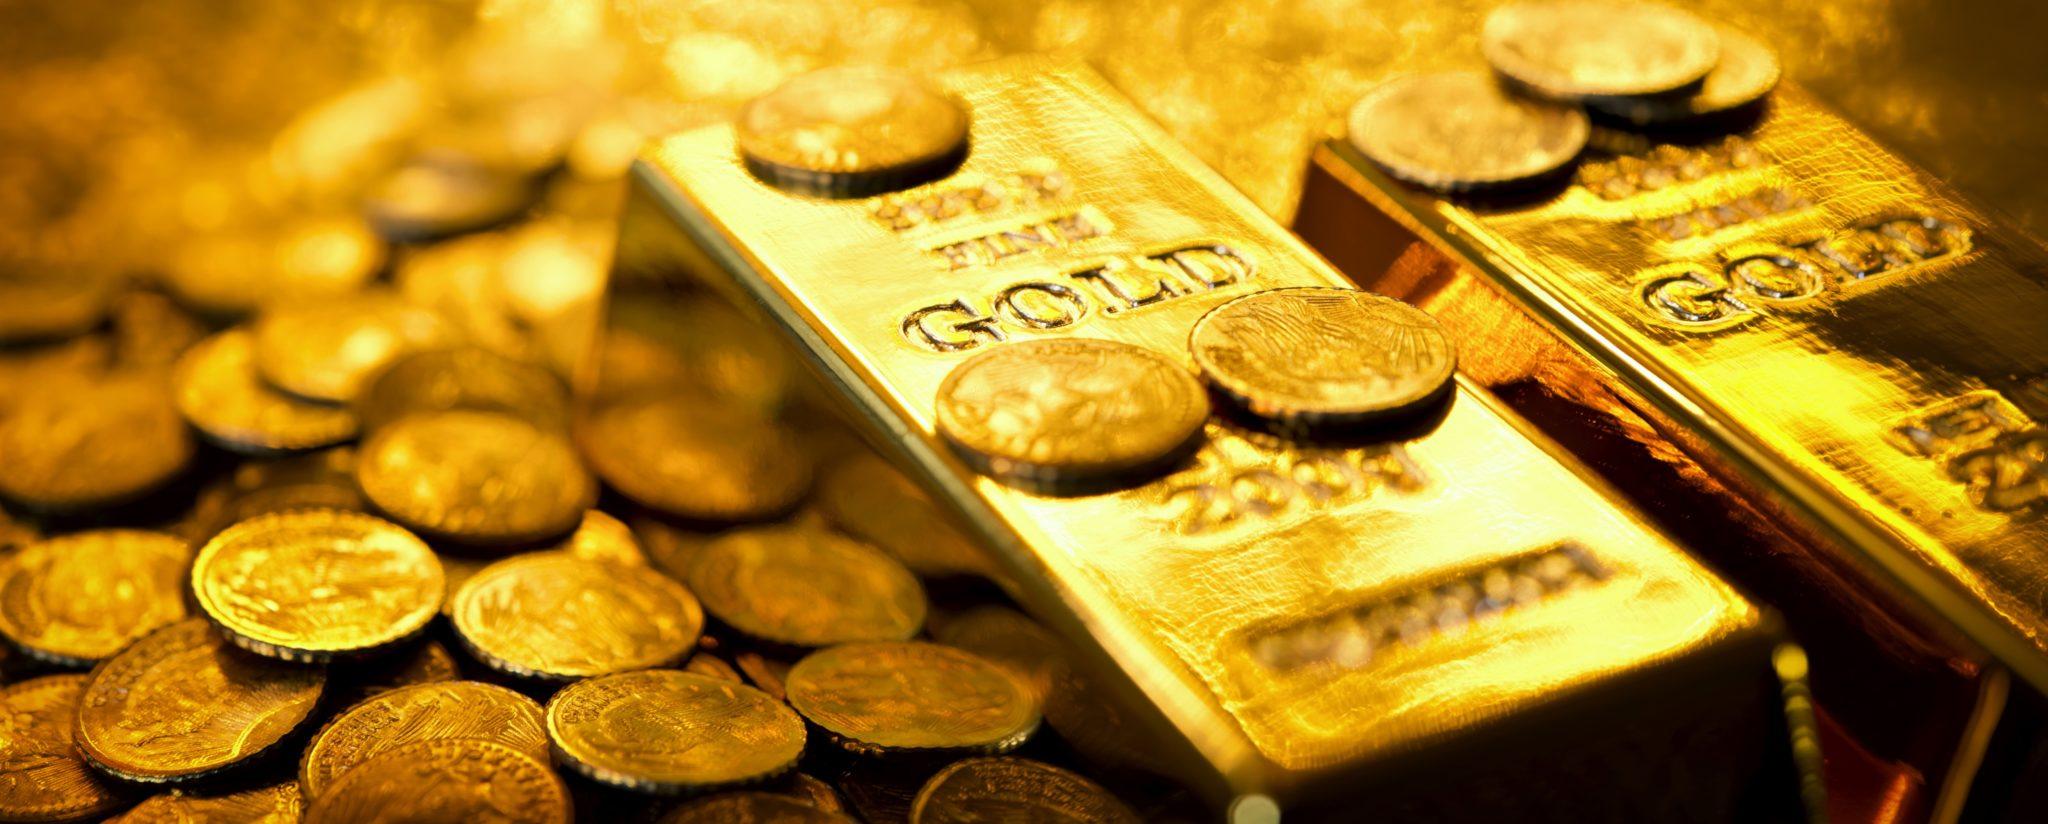 Ссуда за золото